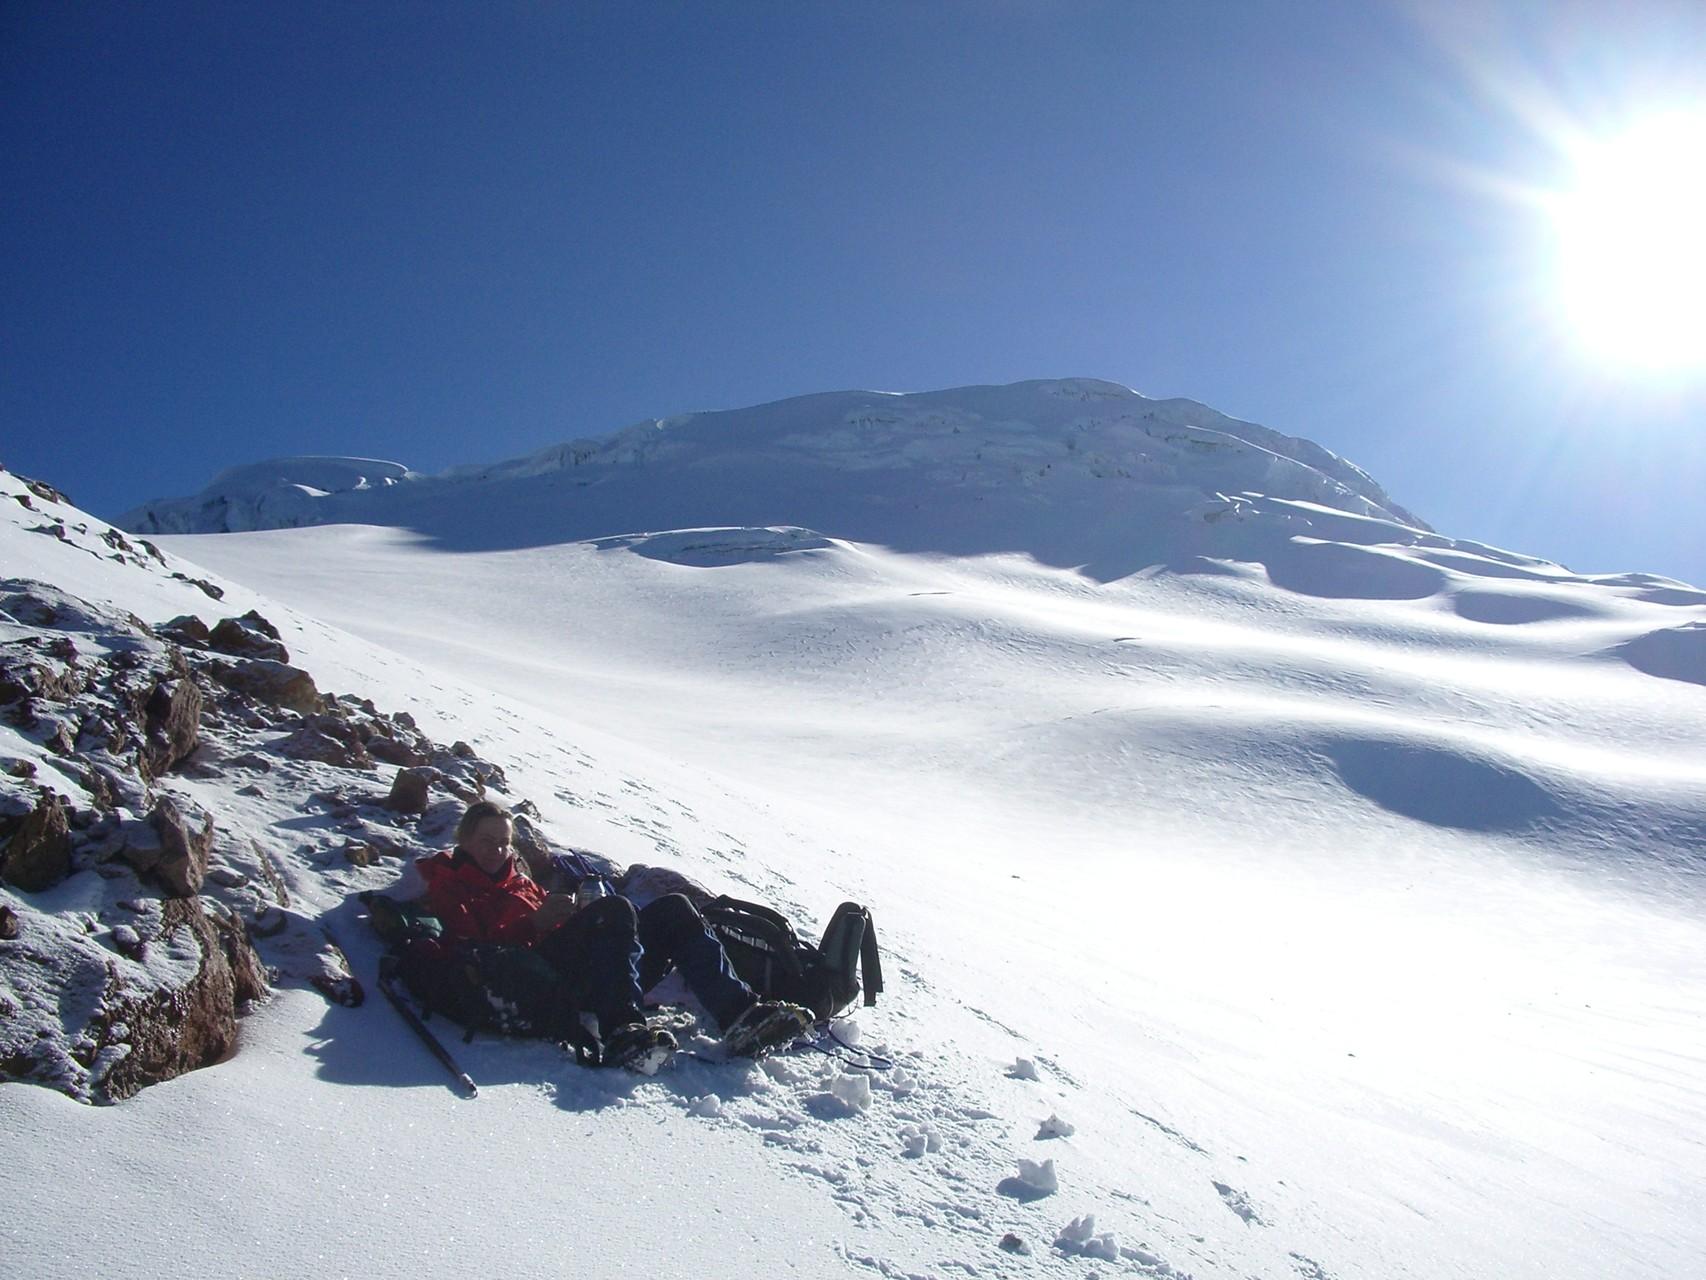 Der Cayambe - Pause während des Abstiegs nach dem Gipfelsturm